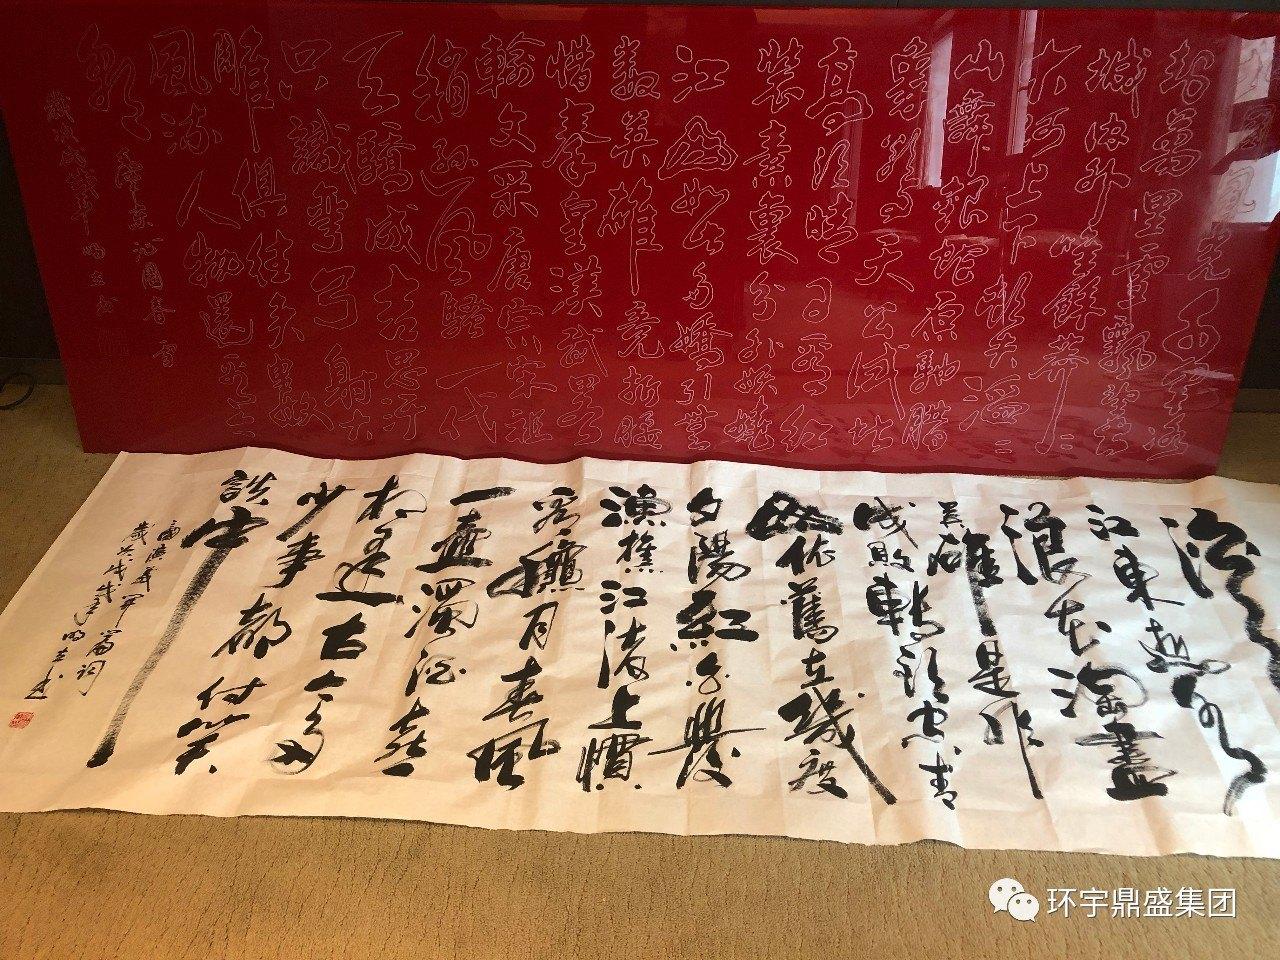 烈烈欢迎中国空心书法大师陈明立先生莅临必发888平台集团